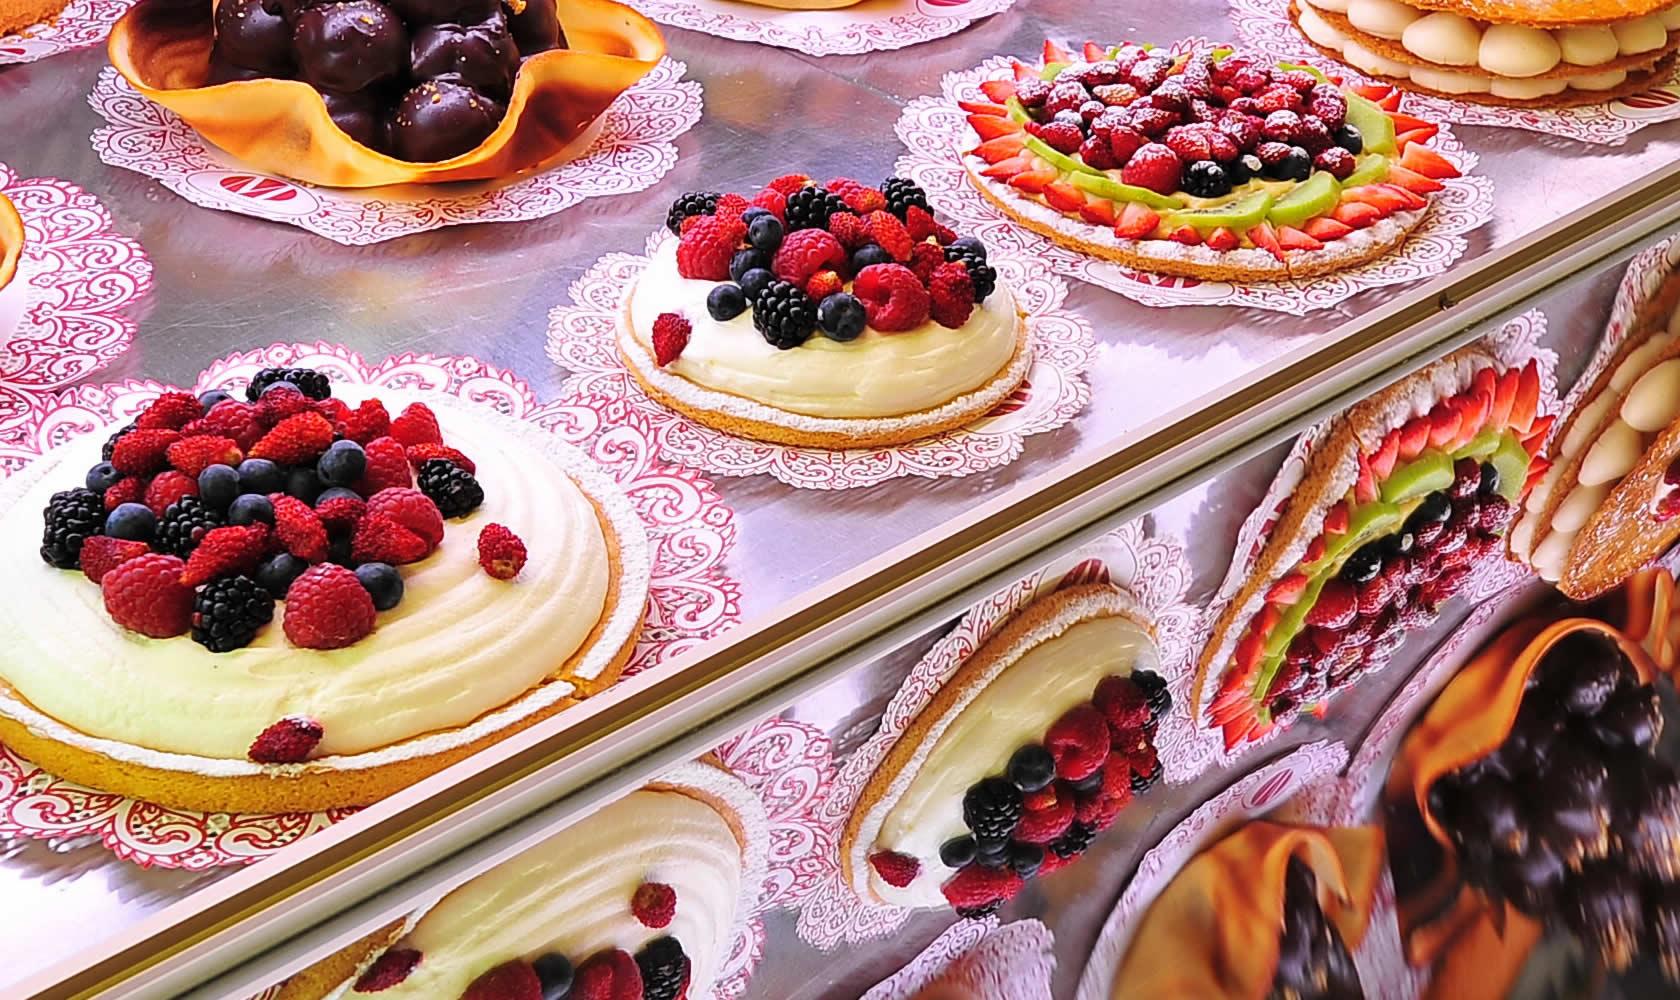 La freschezza. Solo frutta freschissima, ingredienti di prima qualità e  ricerca costante dell\u0027eccellenza.